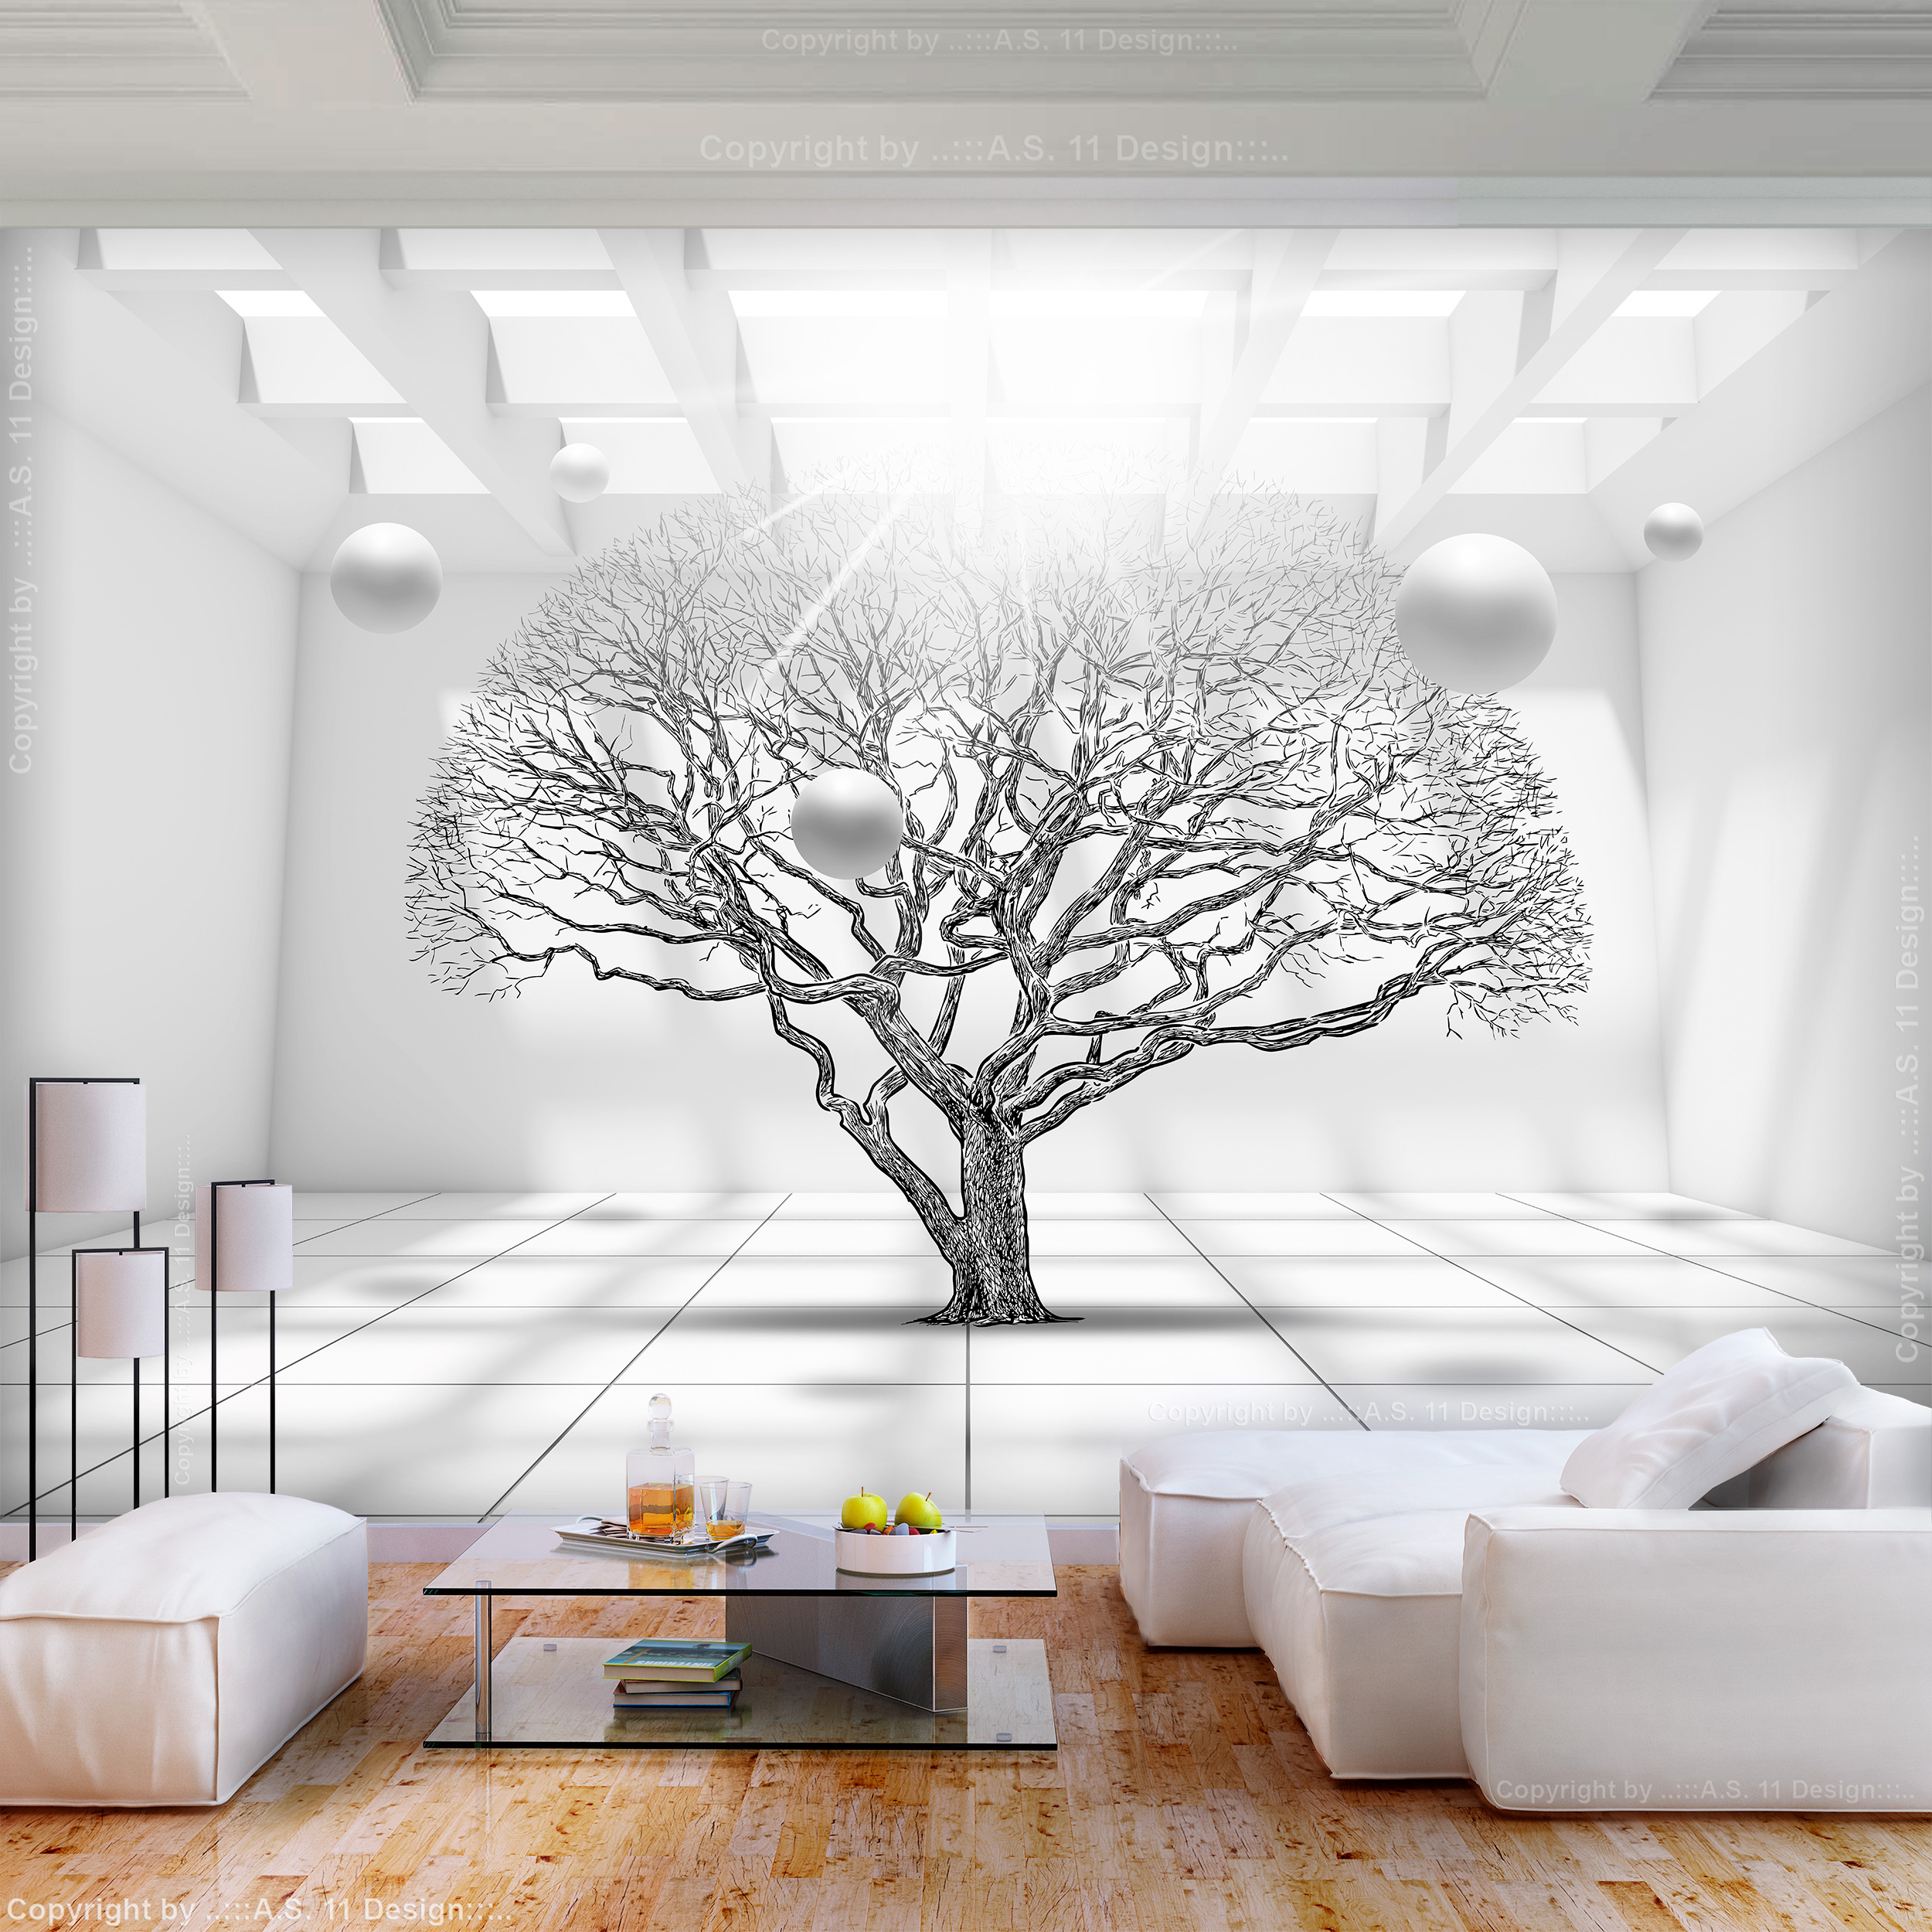 Full Size of 3d Fototapete Vlies Baum Optik Kugeln Gro Tapete Wohnzimmer Schlafzimmer Küche Fototapeten Fenster Wohnzimmer 3d Fototapete